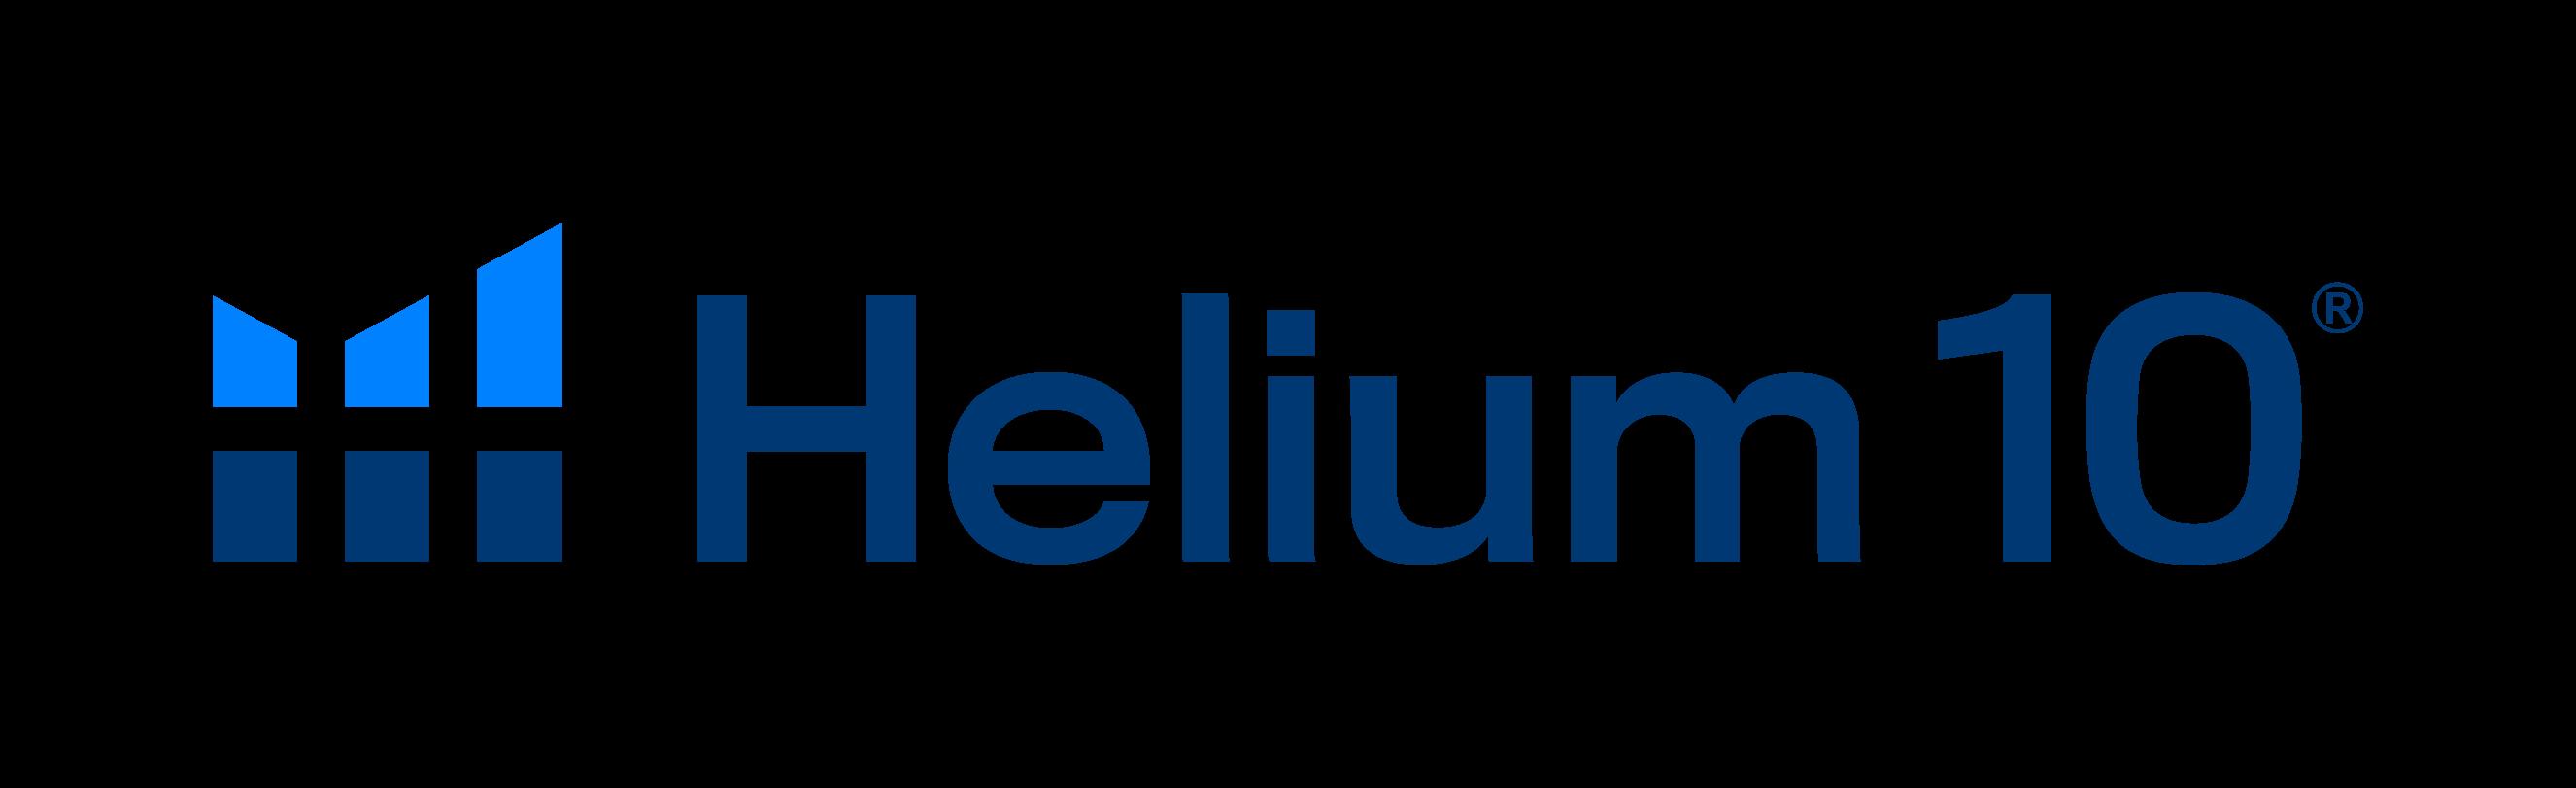 helium10 amazon tool